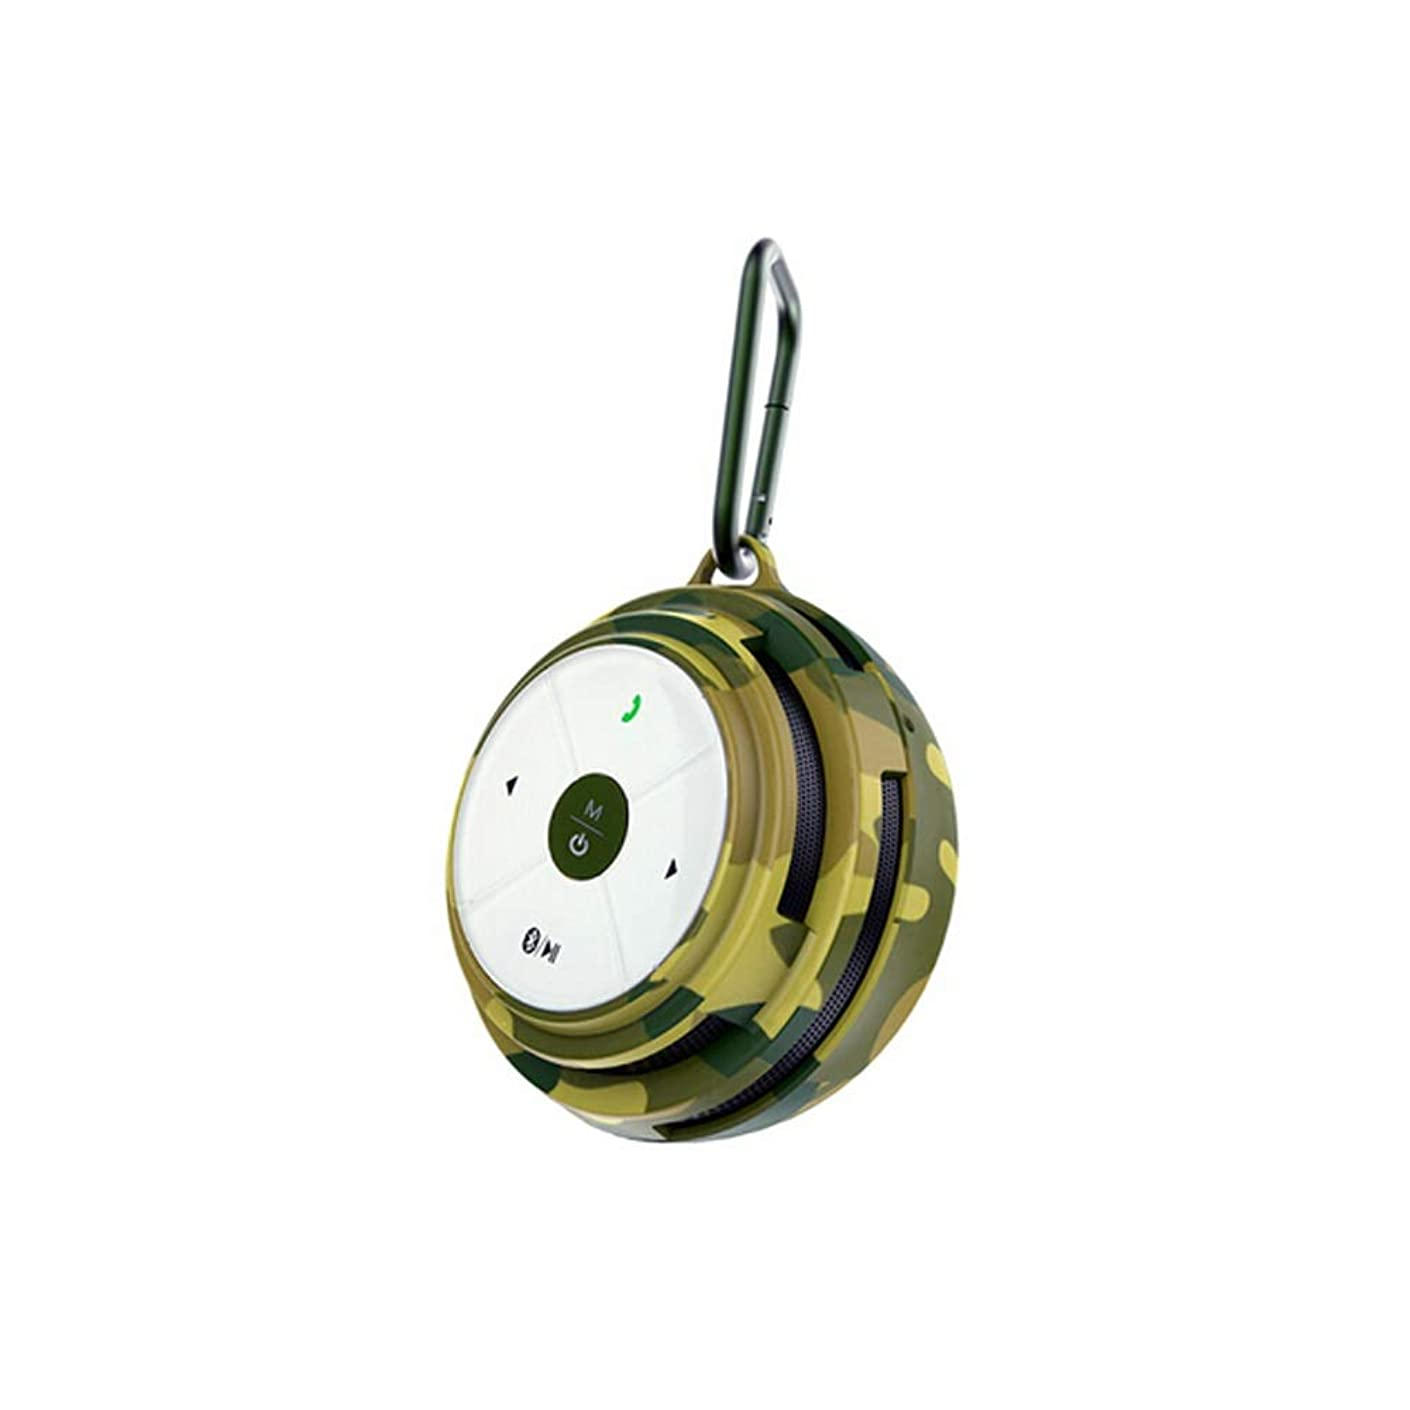 効能ある祖母溶融QIFUYINZHUANG-R E1ワイヤレスBluetoothスピーカー、マルチメディアオーディオスピーカー - マルチカラー デジタル家電 (Size : A)